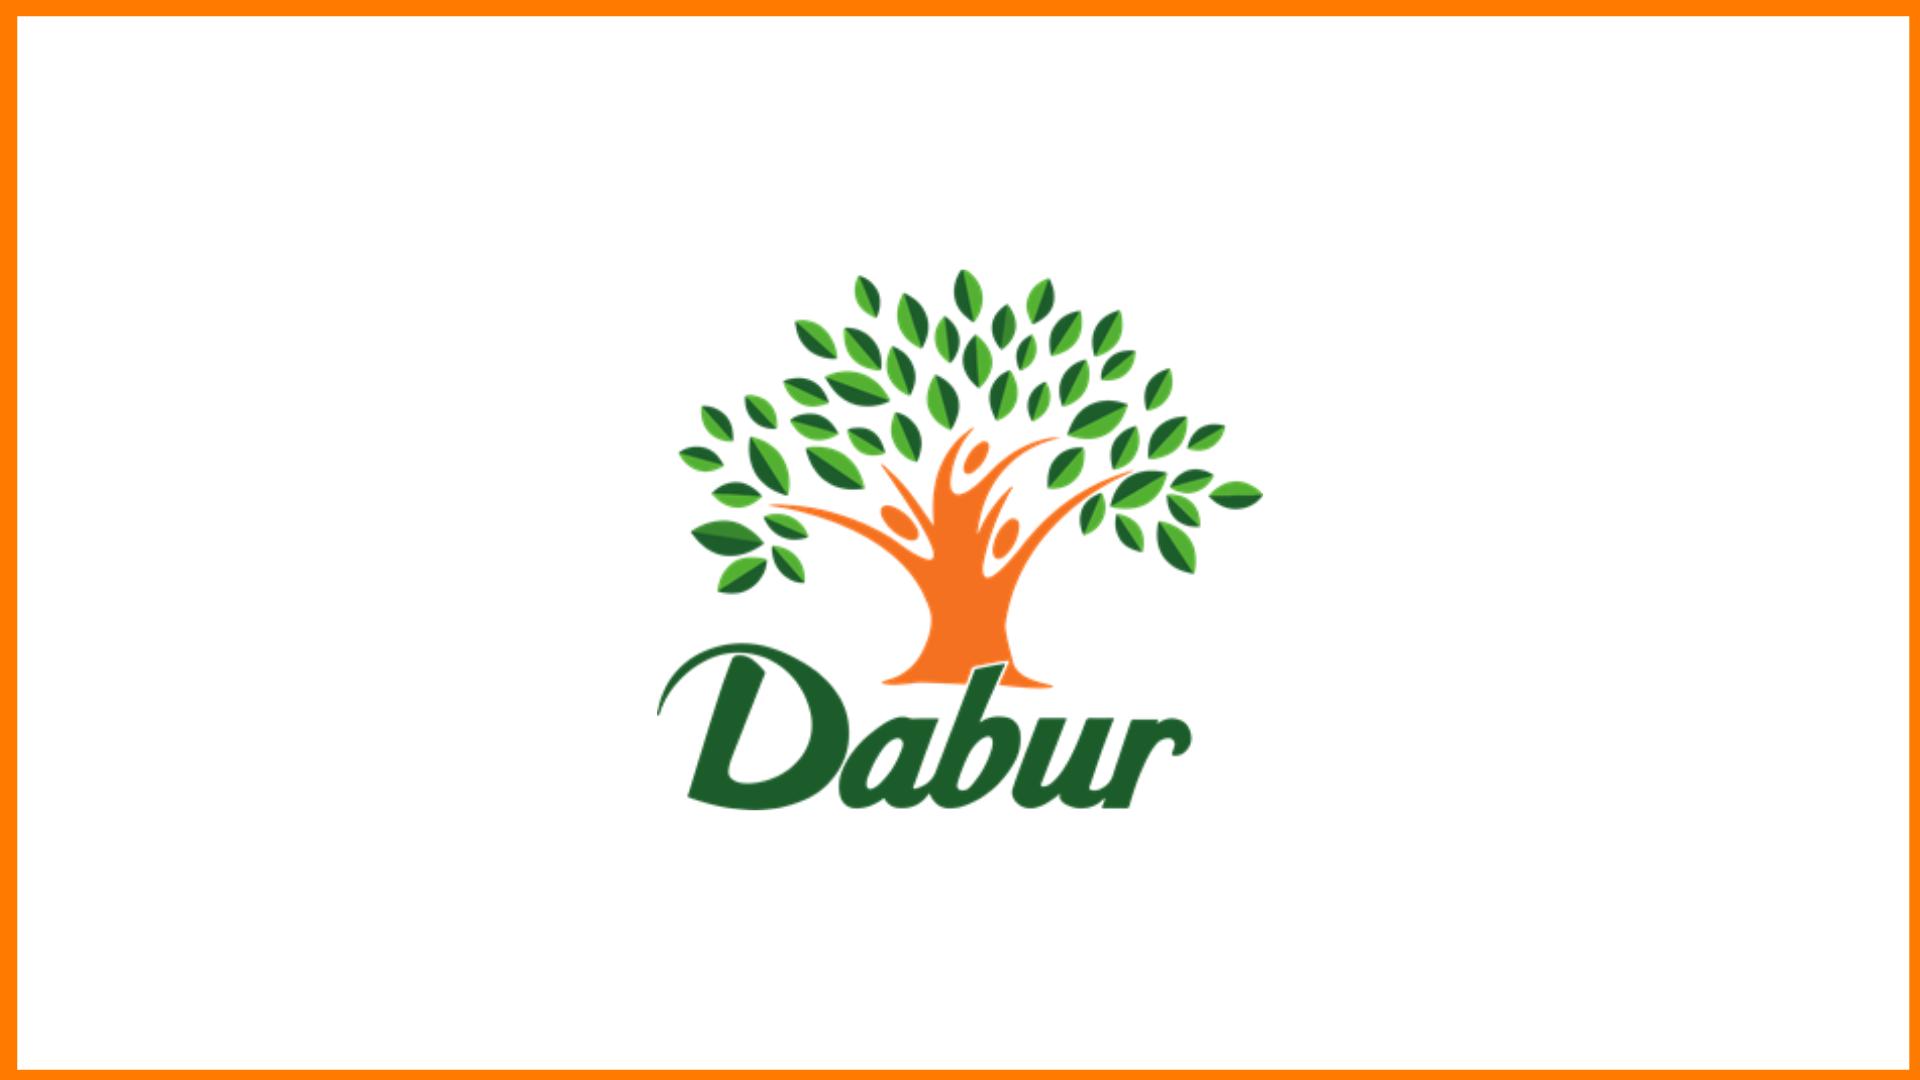 Dabur India Logo